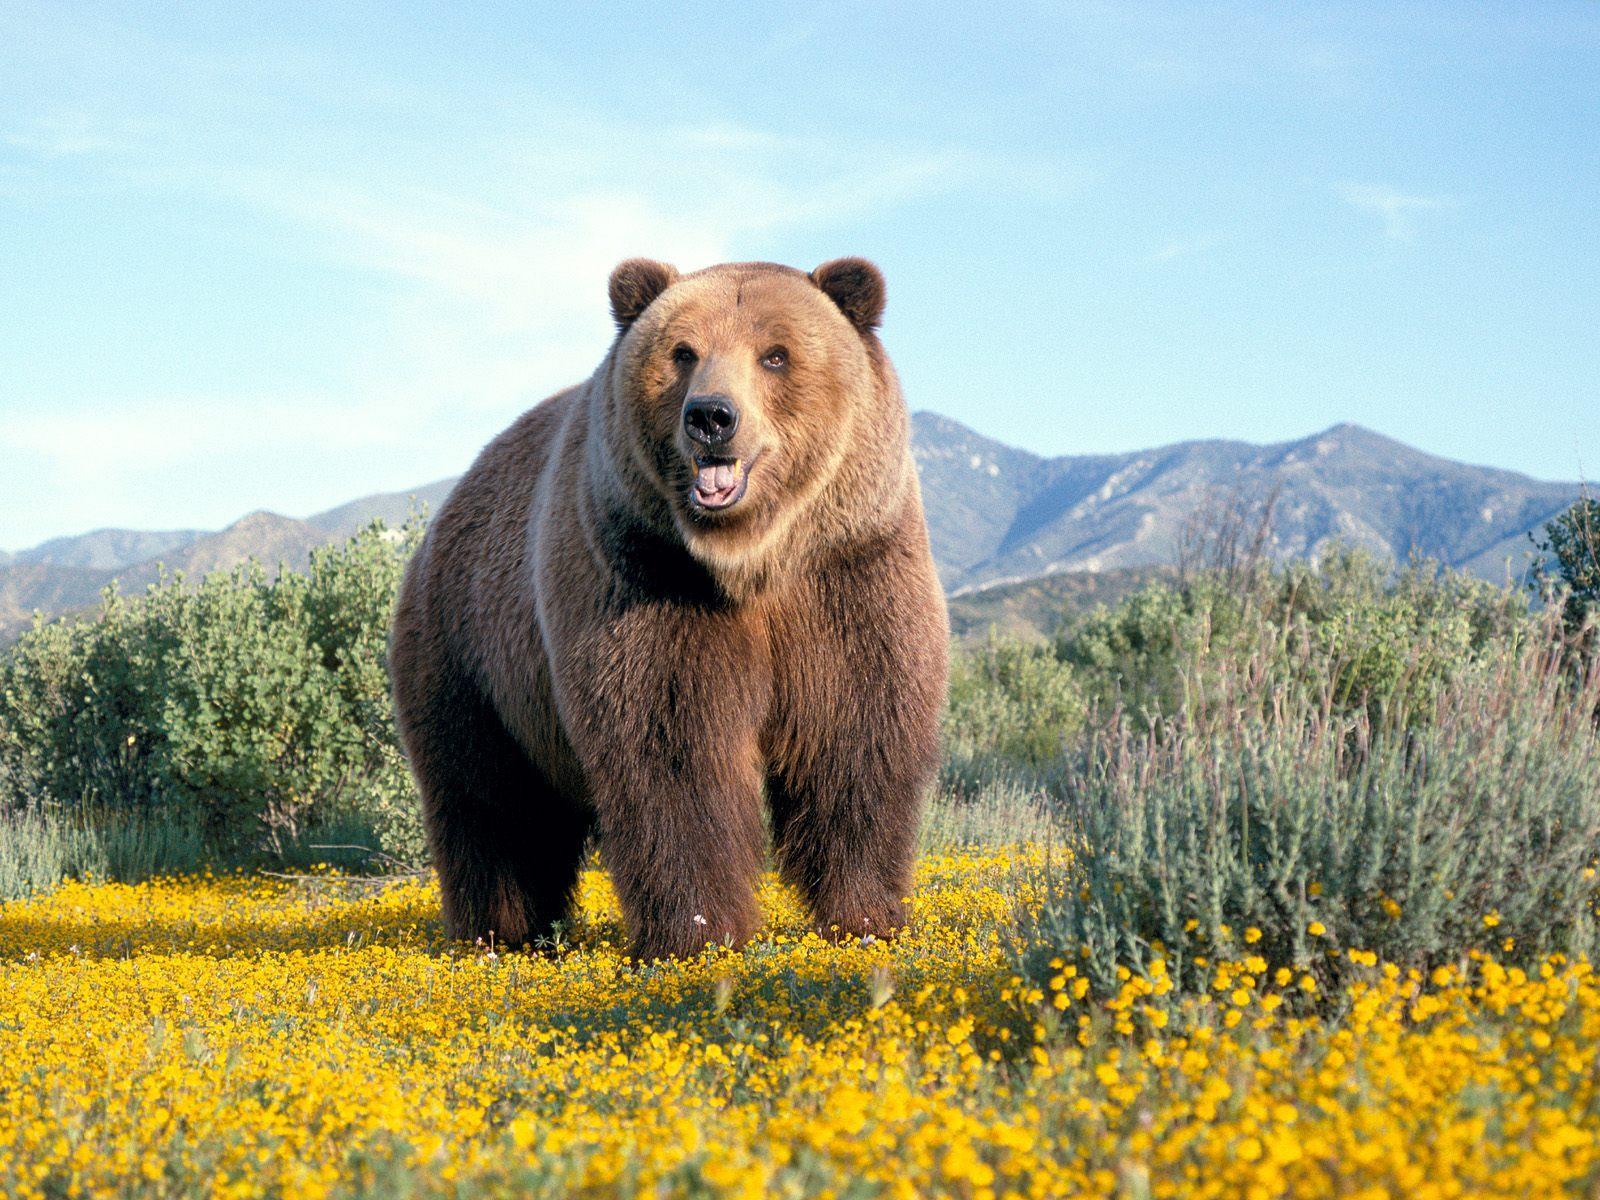 Huge brown bear